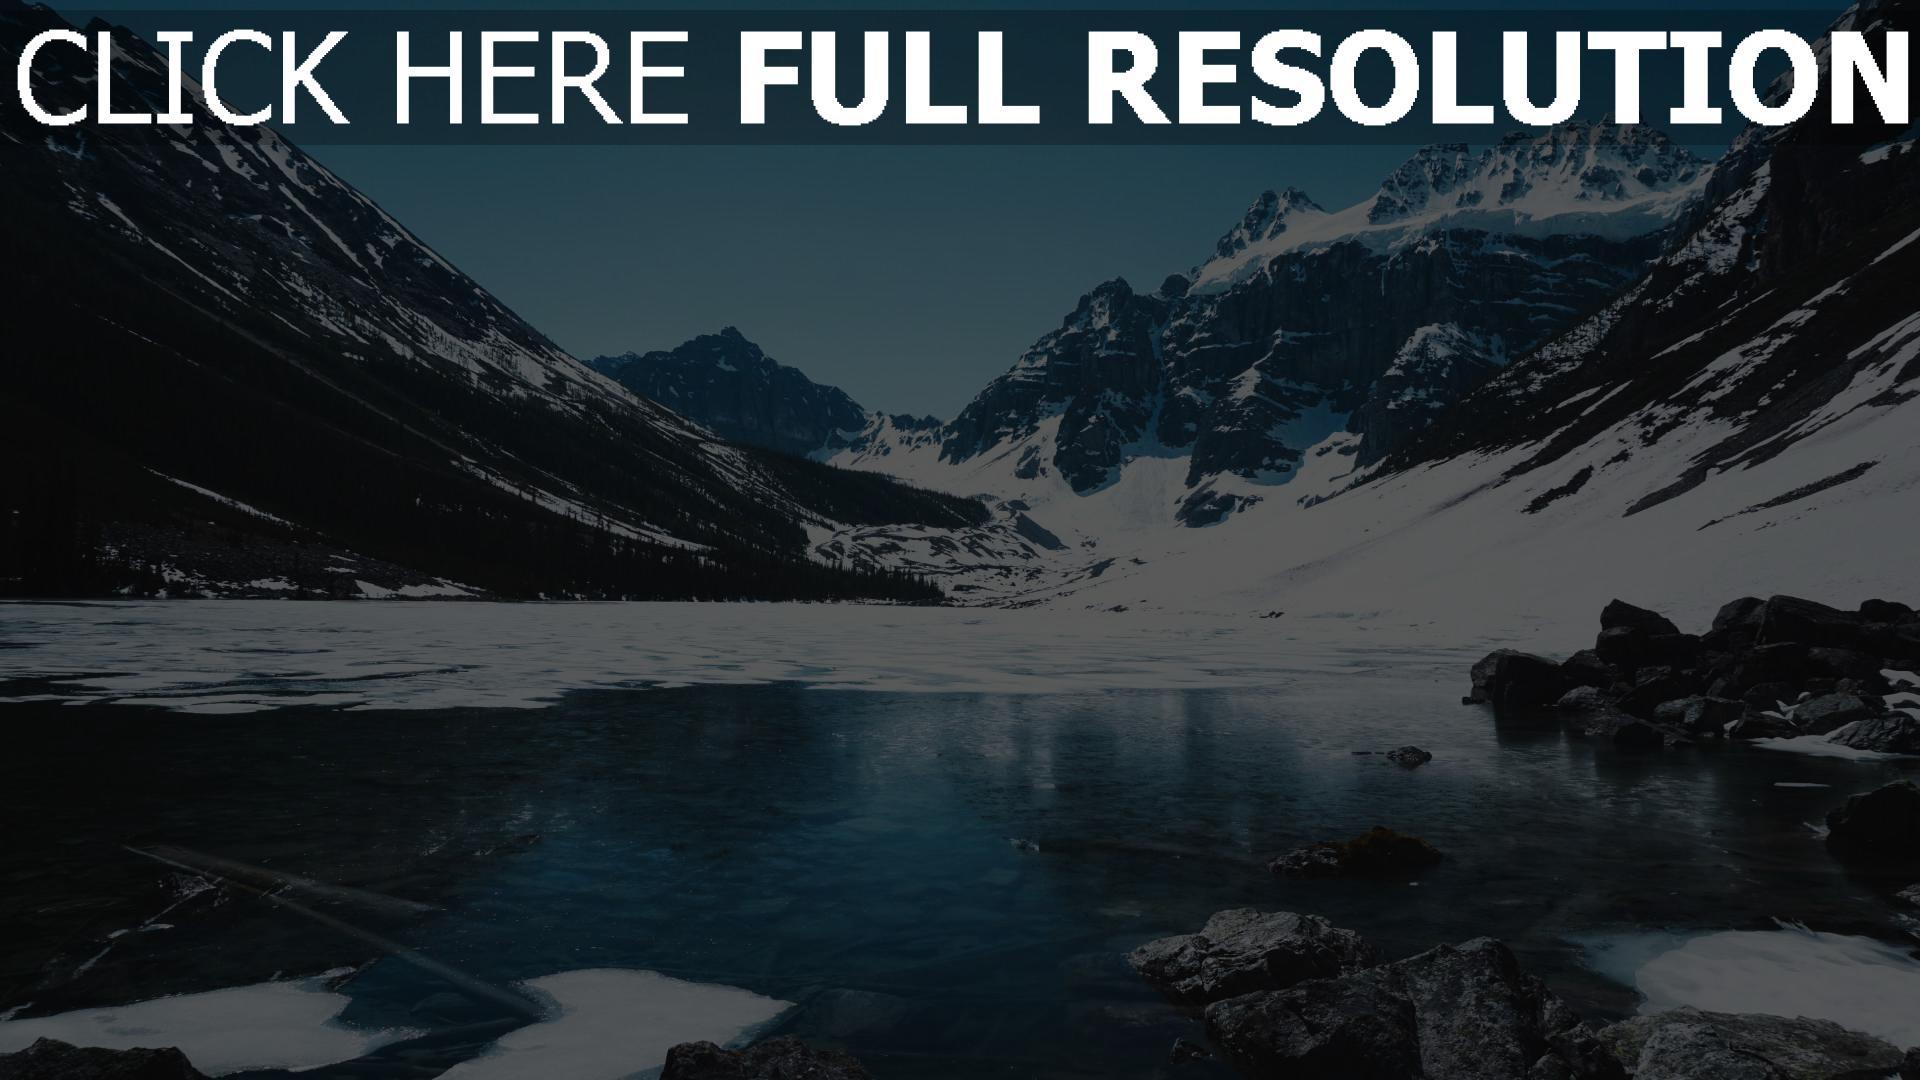 hd hintergrundbilder schnee eis berg see 1920x1080